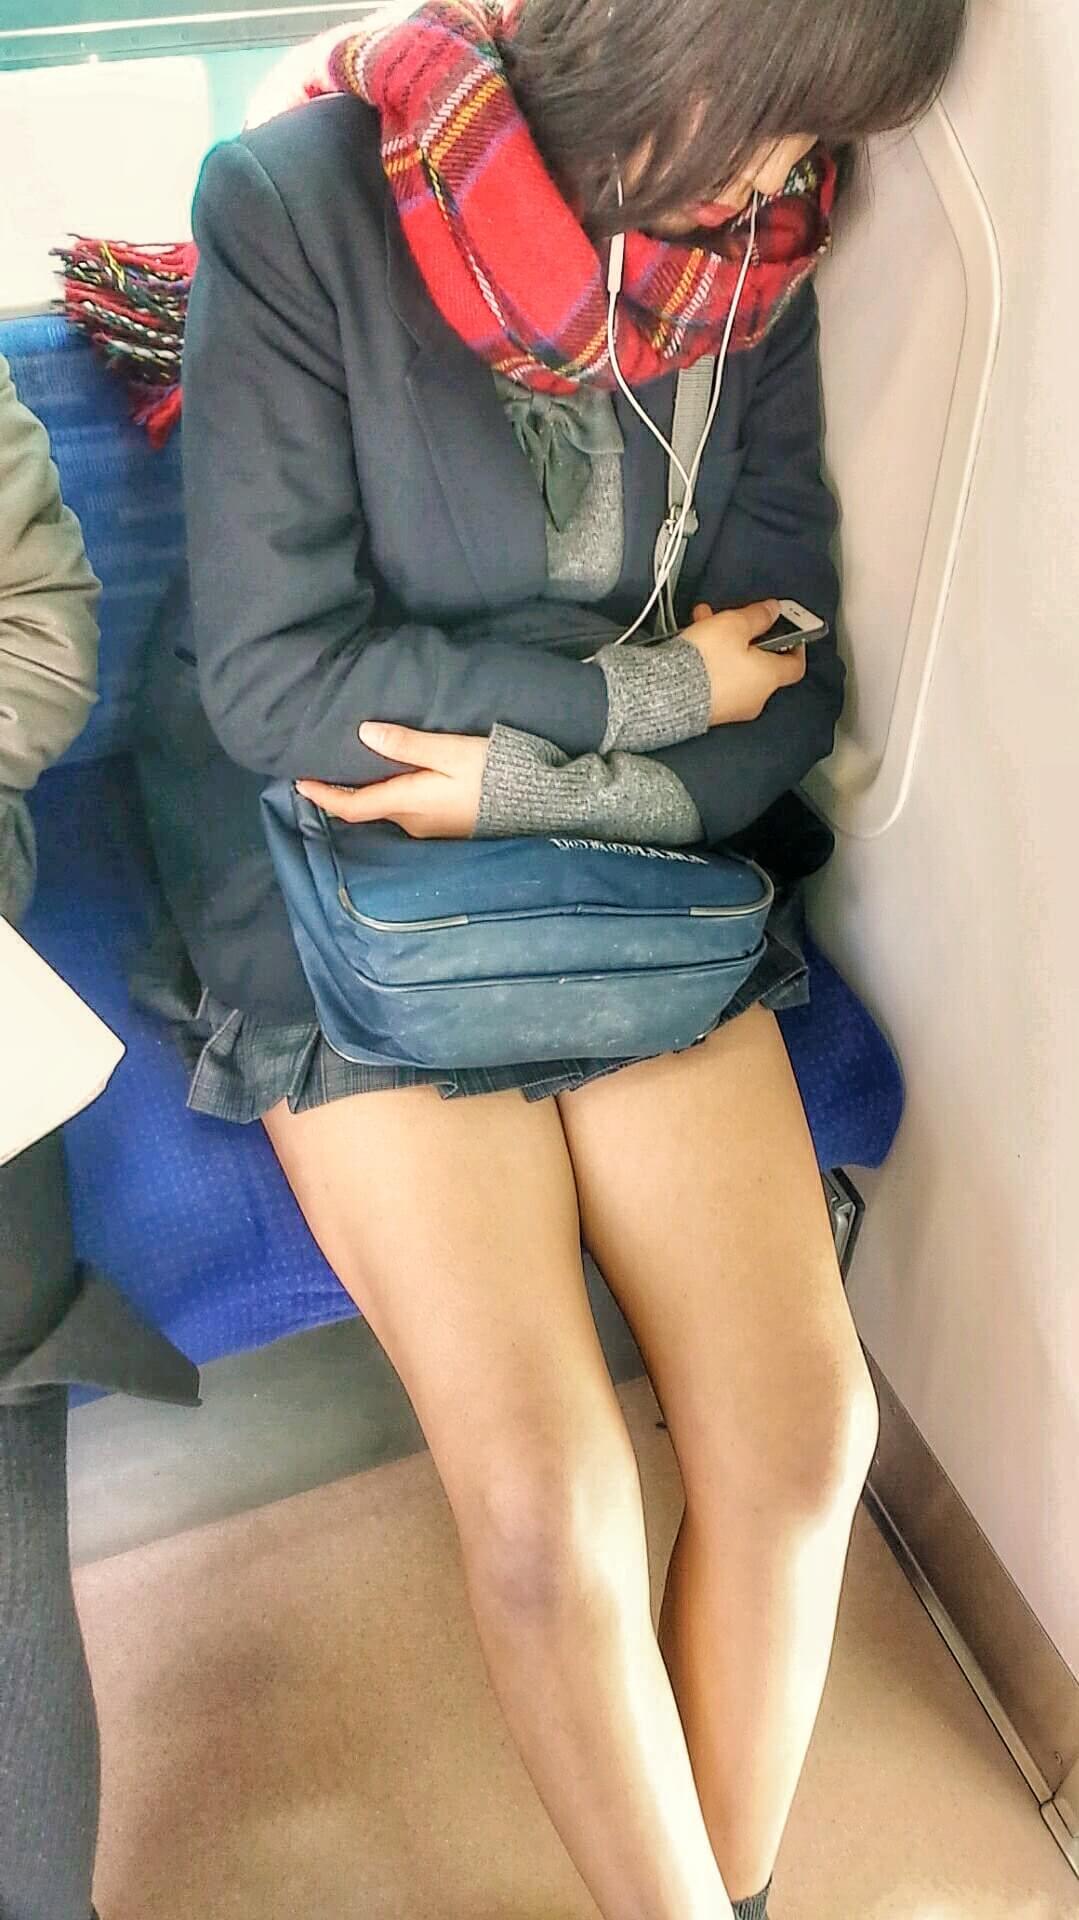 【画像】スマホの普及とともに電車内JKの画像てあきらかに増えたよな